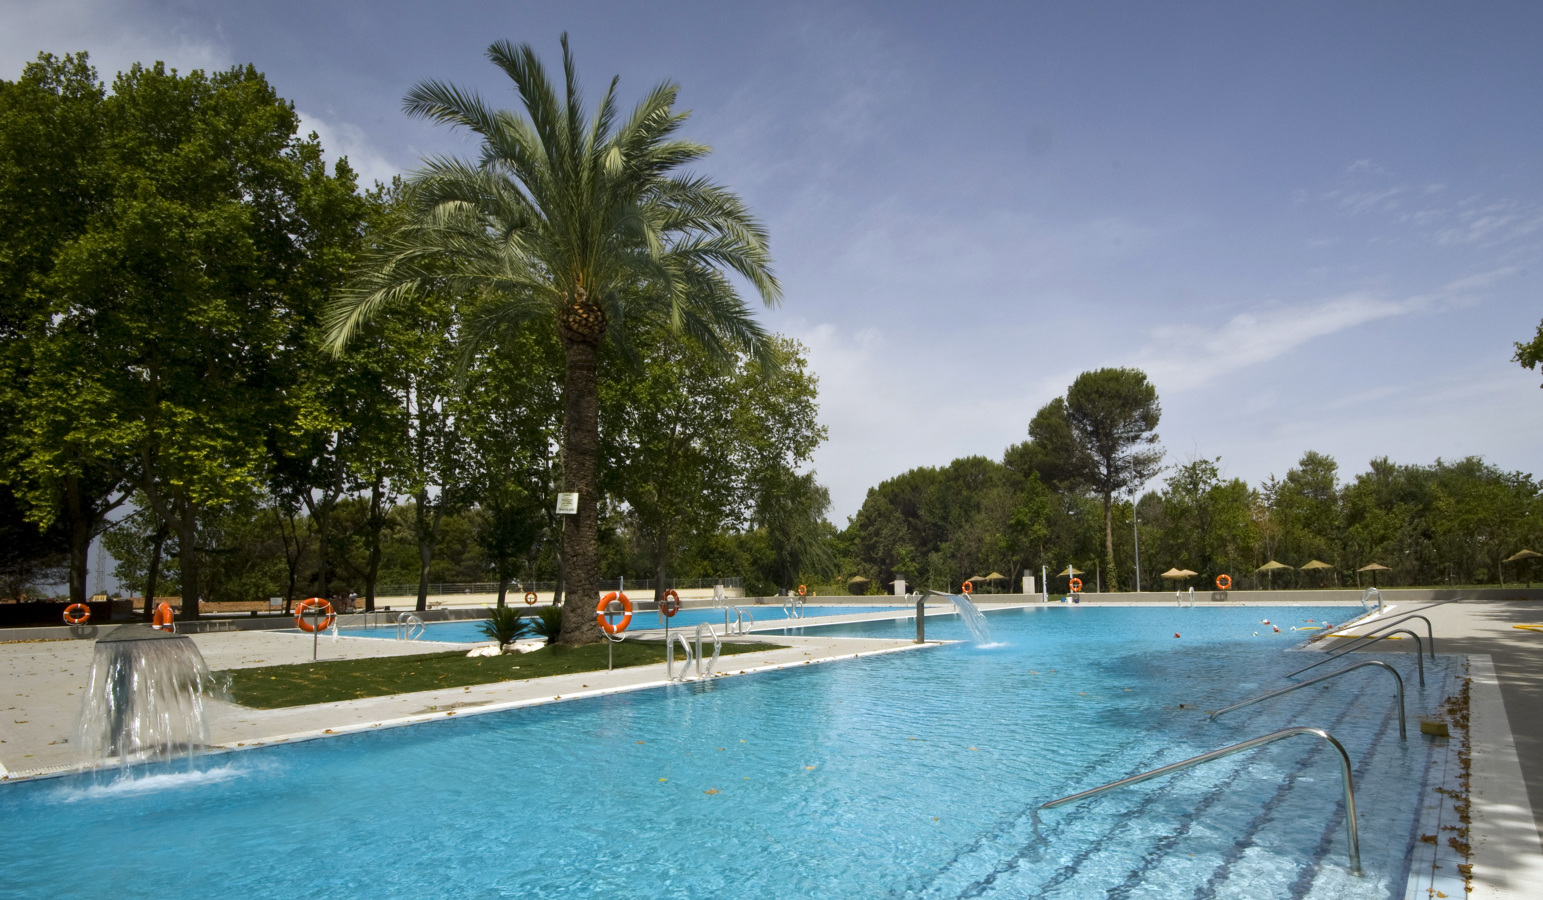 Foto piscina municipal montilla c rdoba de aryon for Piscina municipal girona